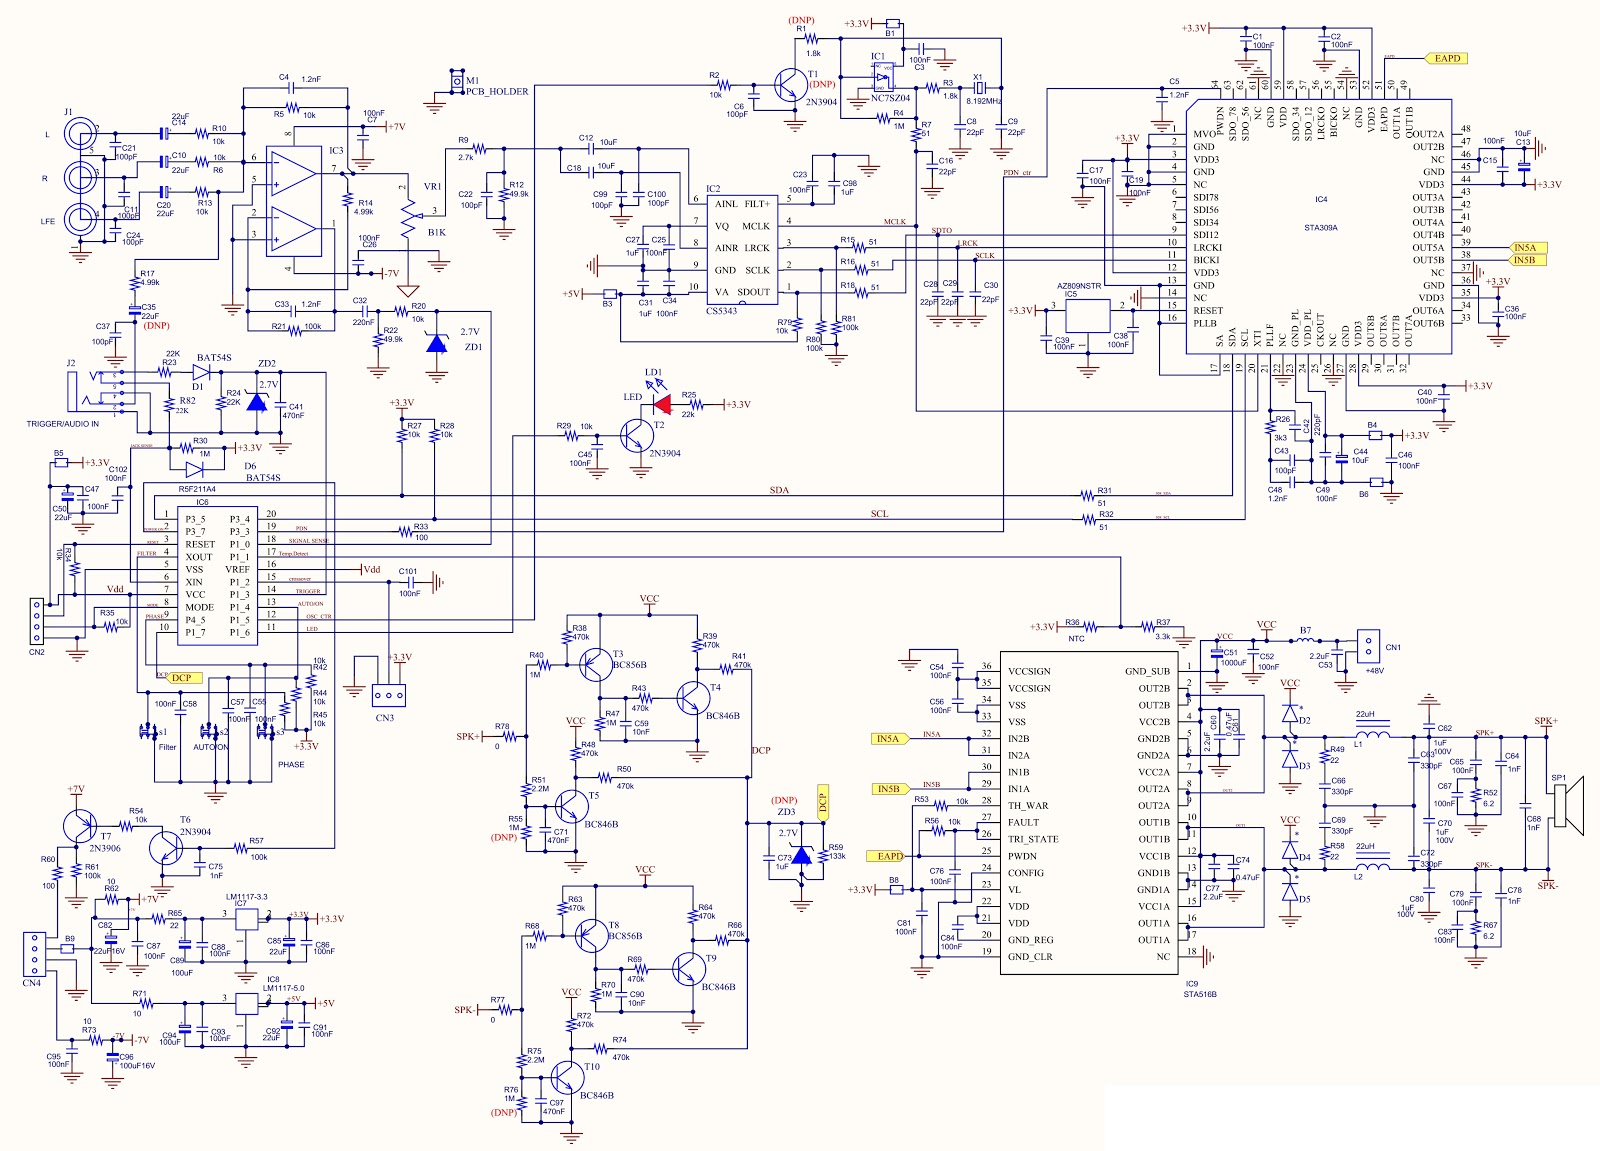 bmw e46 m3 radio wiring diagram manganese pourbaix subaru harman kardon apc diagrams ~ elsalvadorla